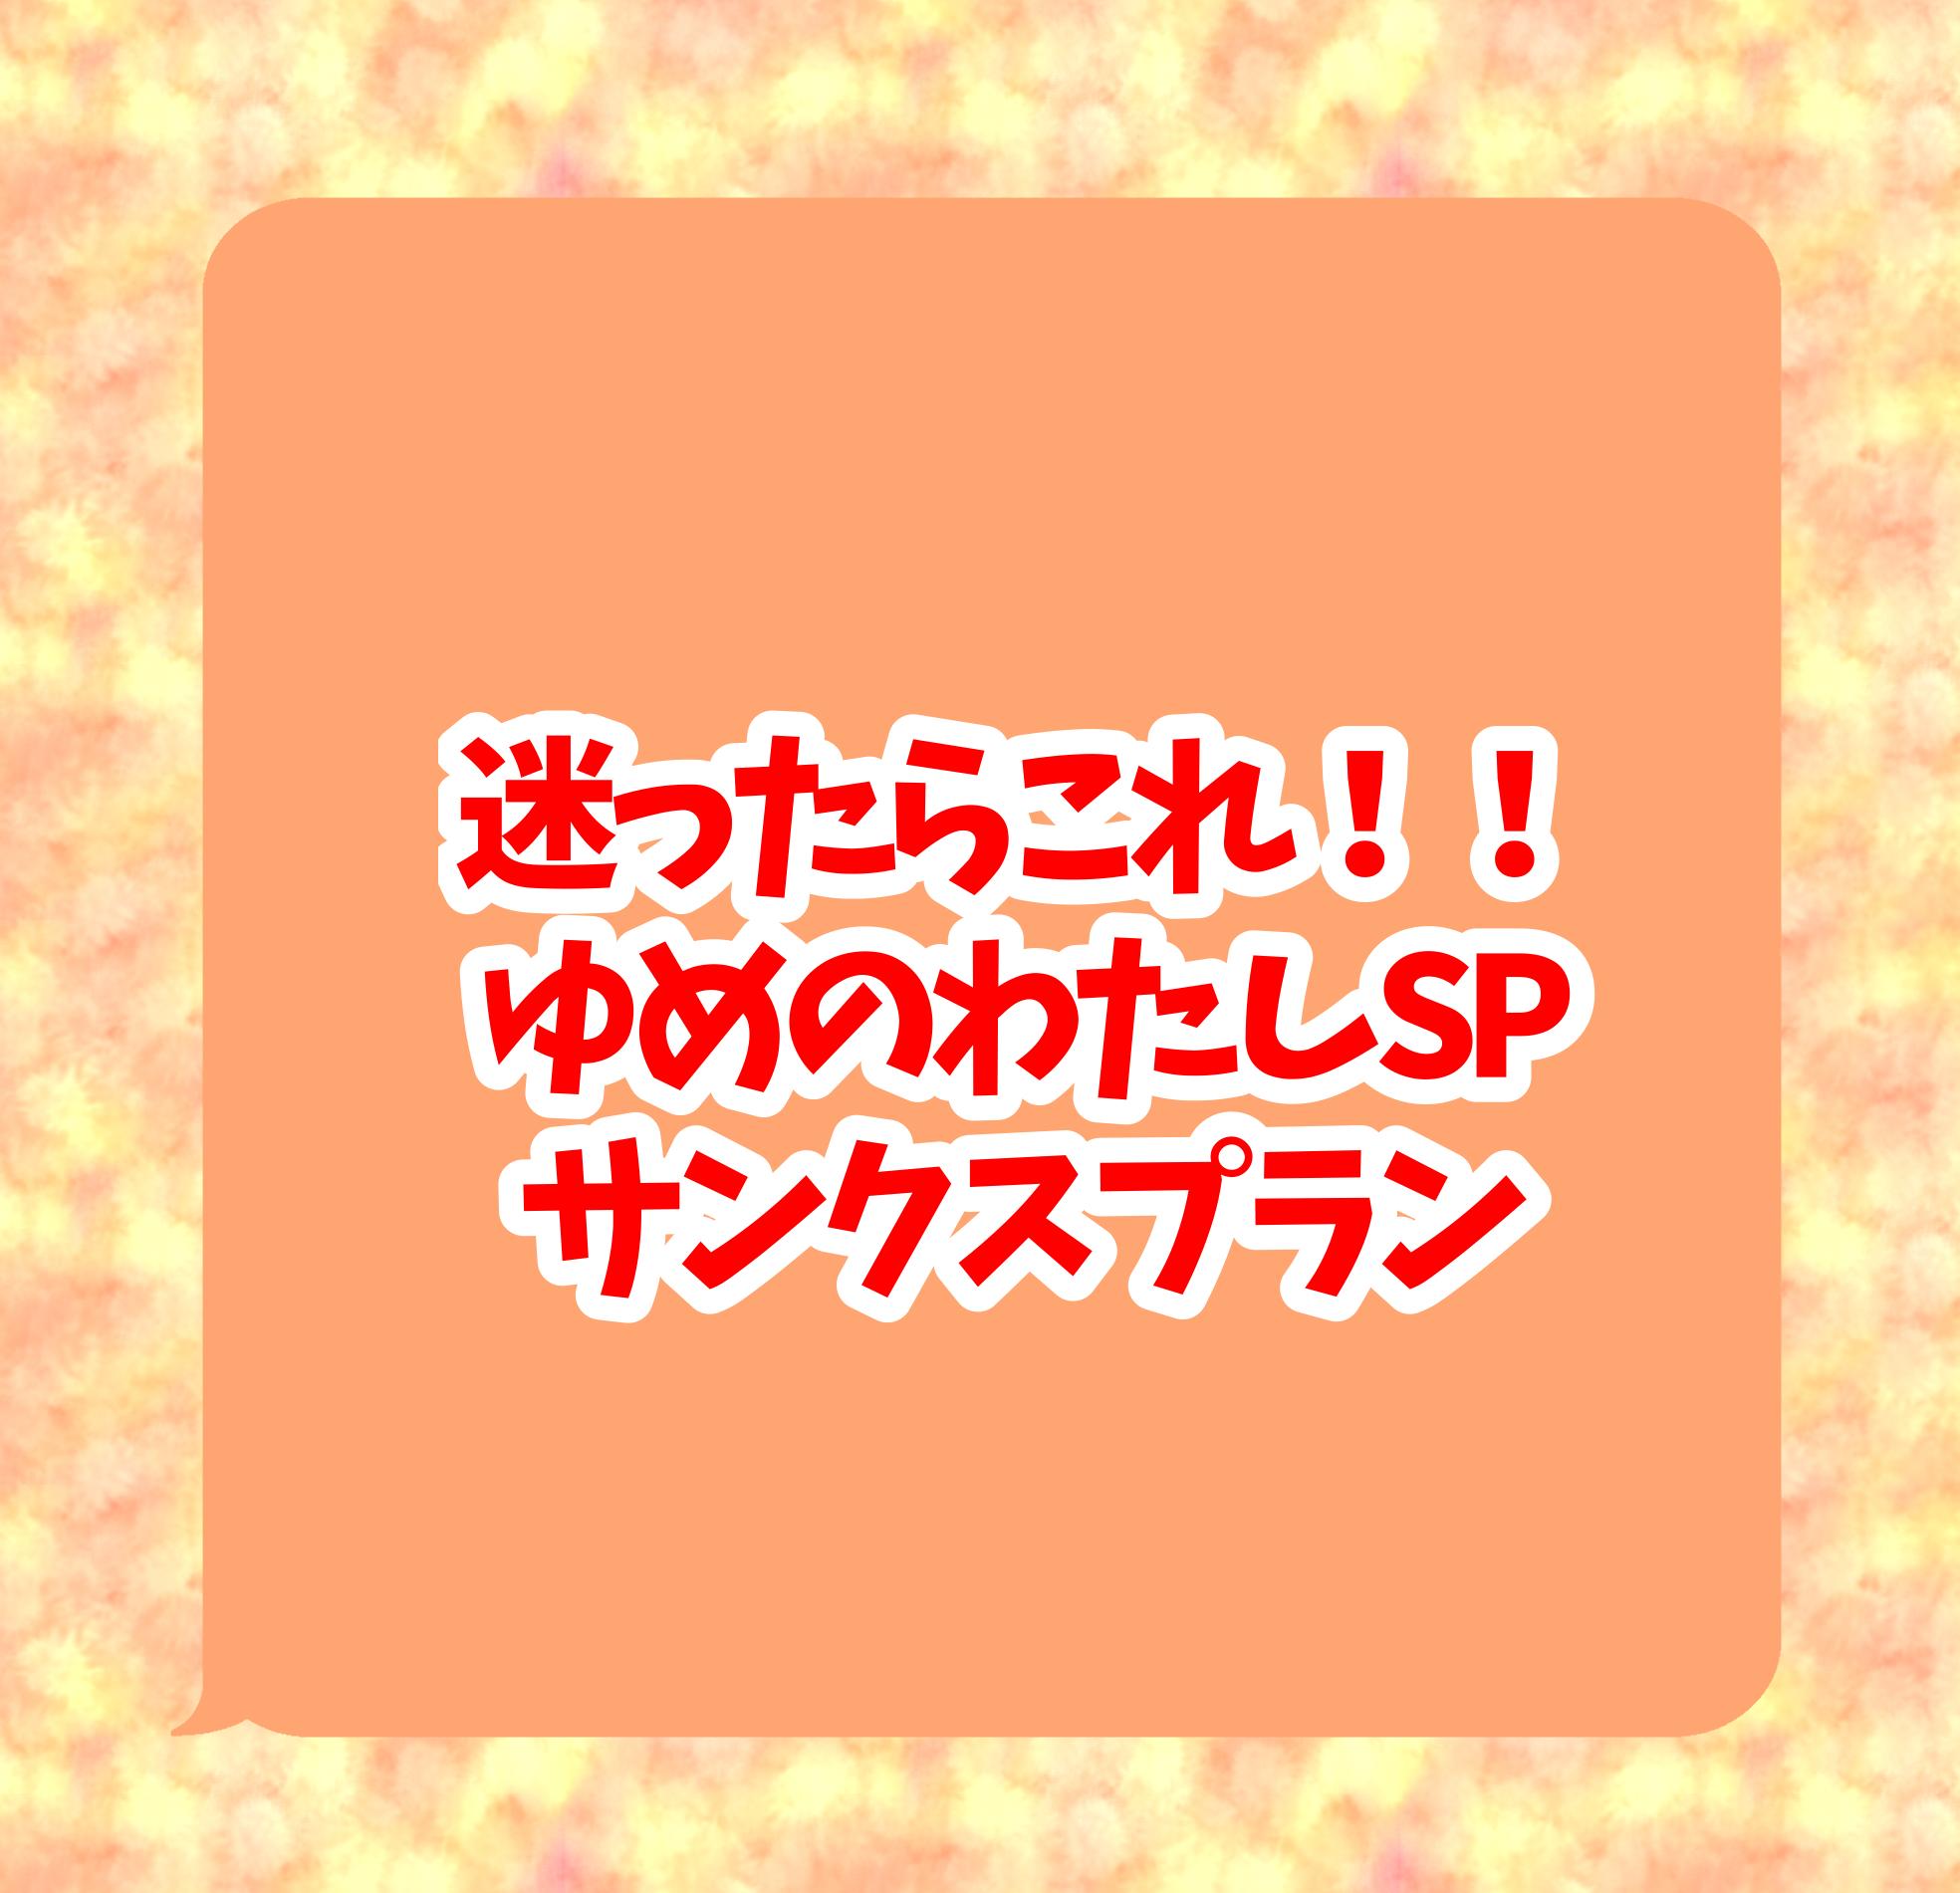 <迷ったらこれ!!ゆめのわたしスペシャルサンクスプラン>